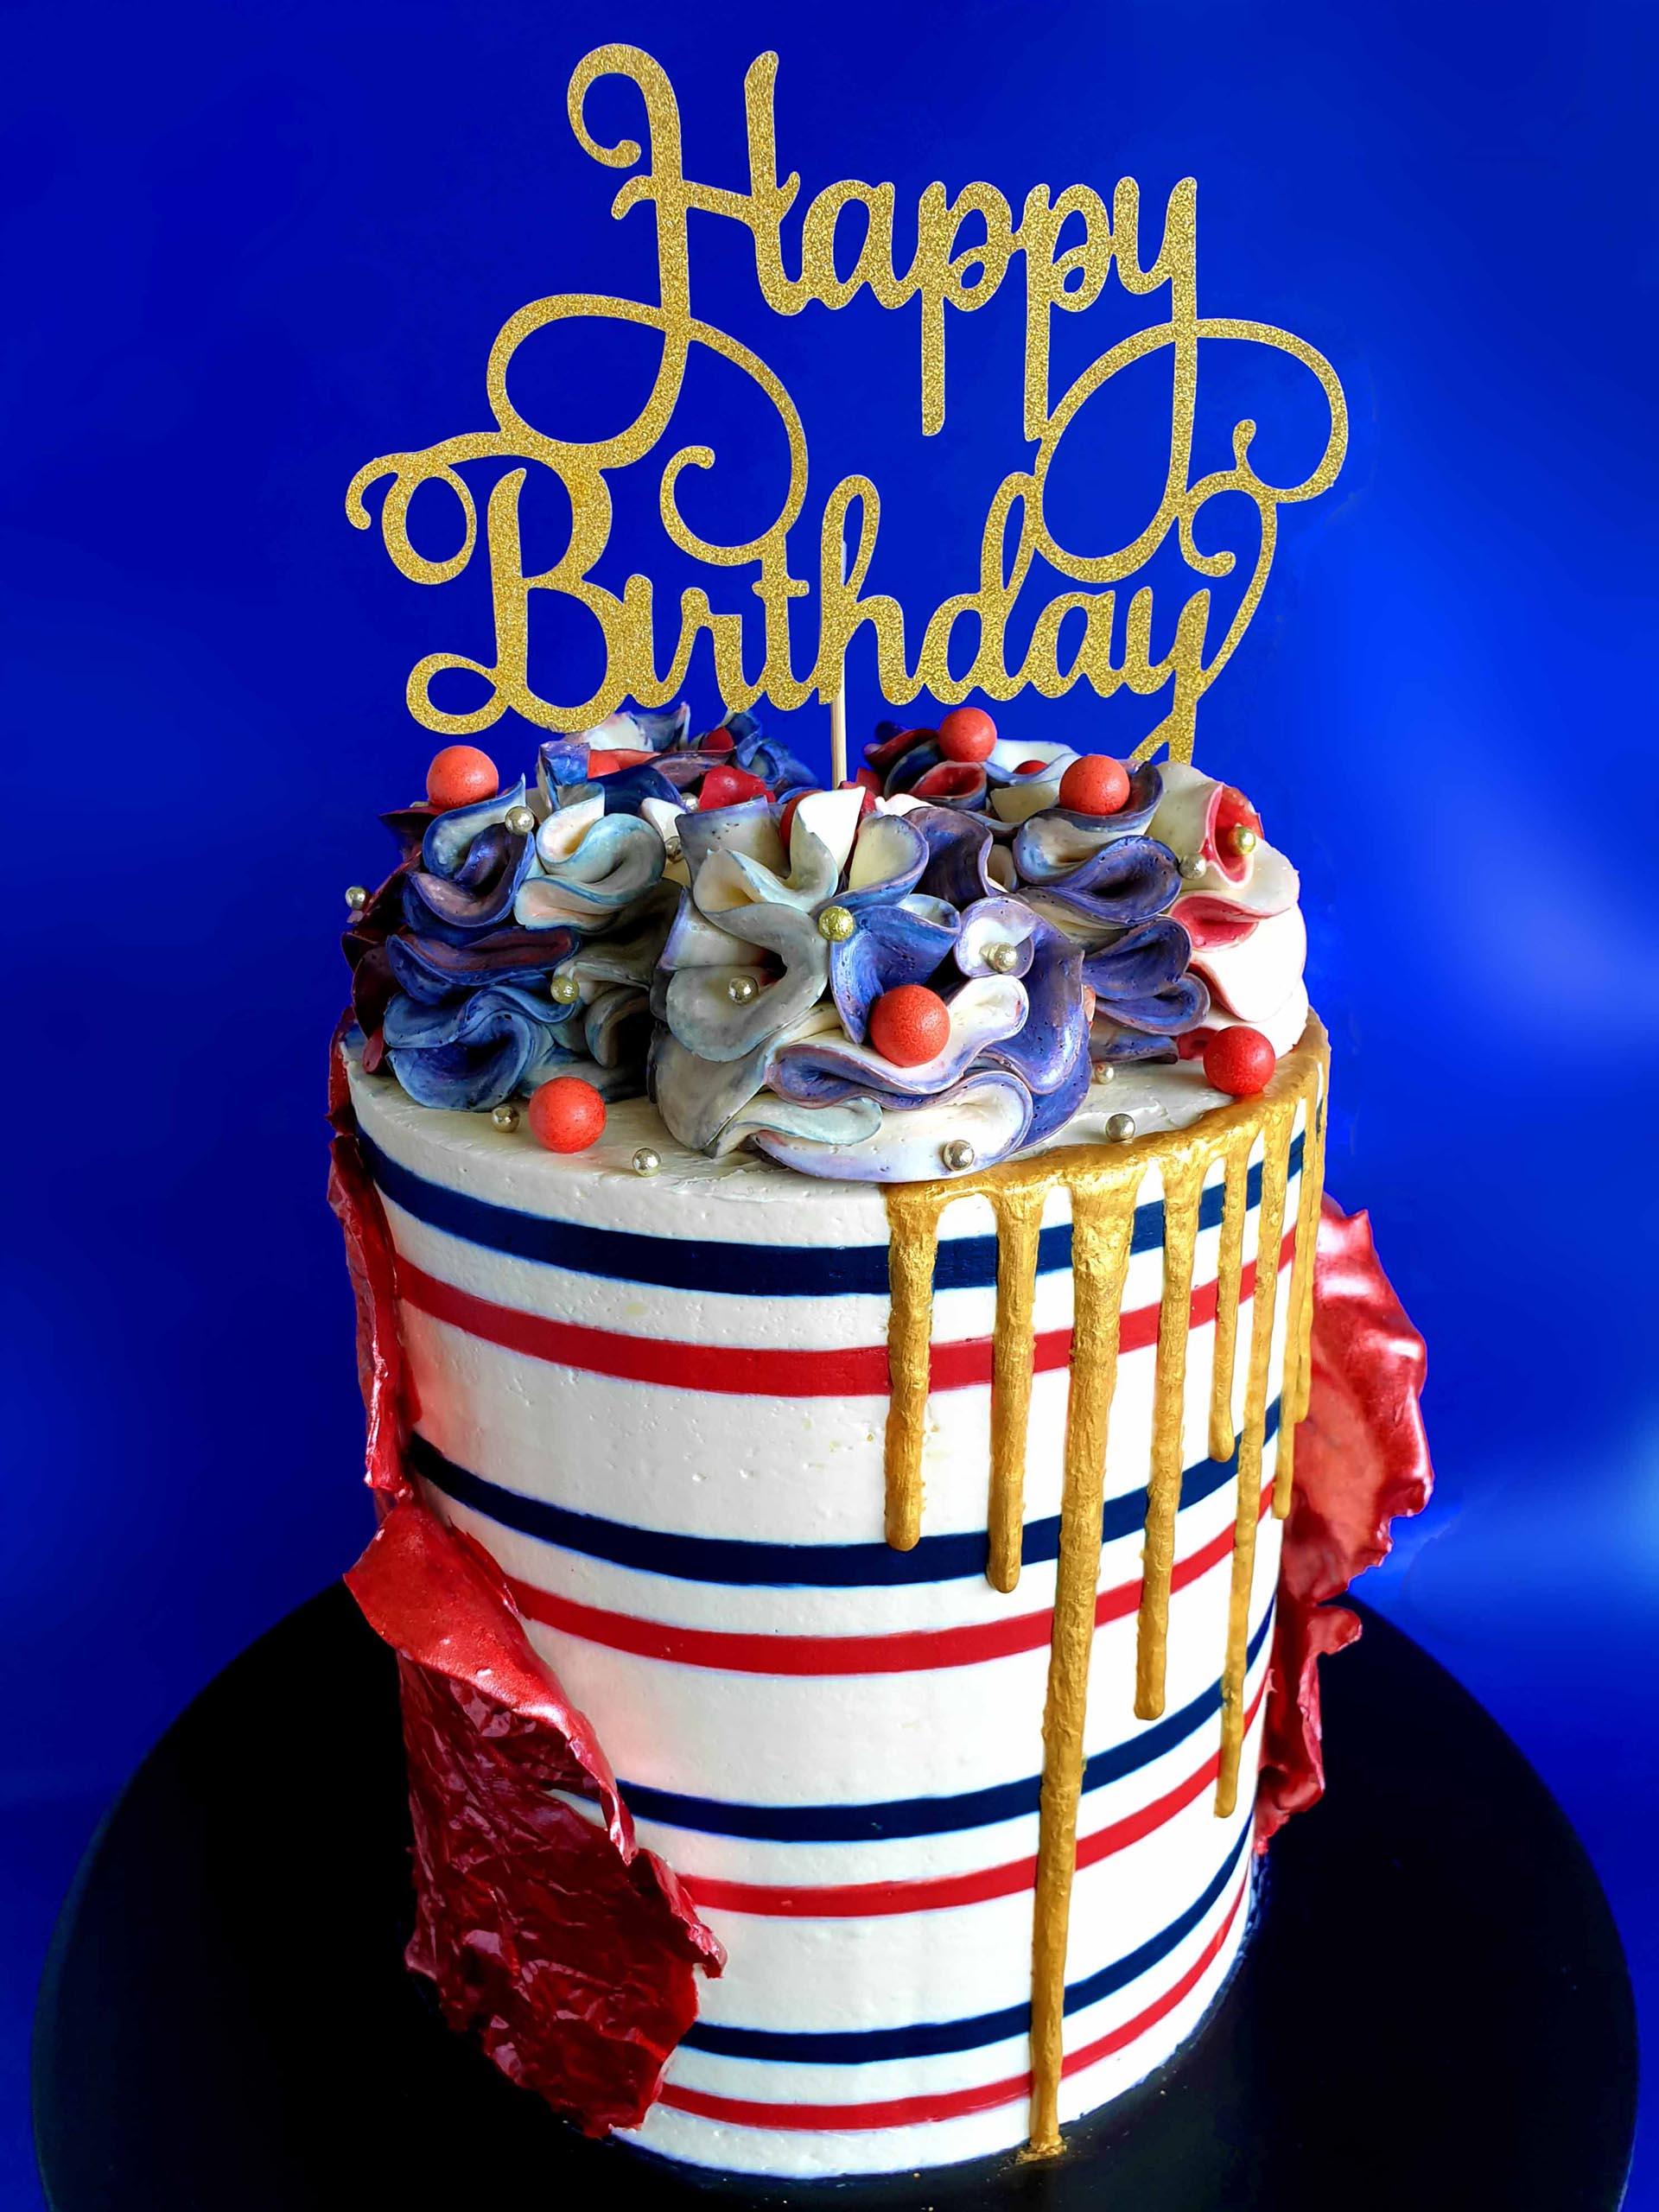 Niki_van_Bake_Let's celebrate (4)